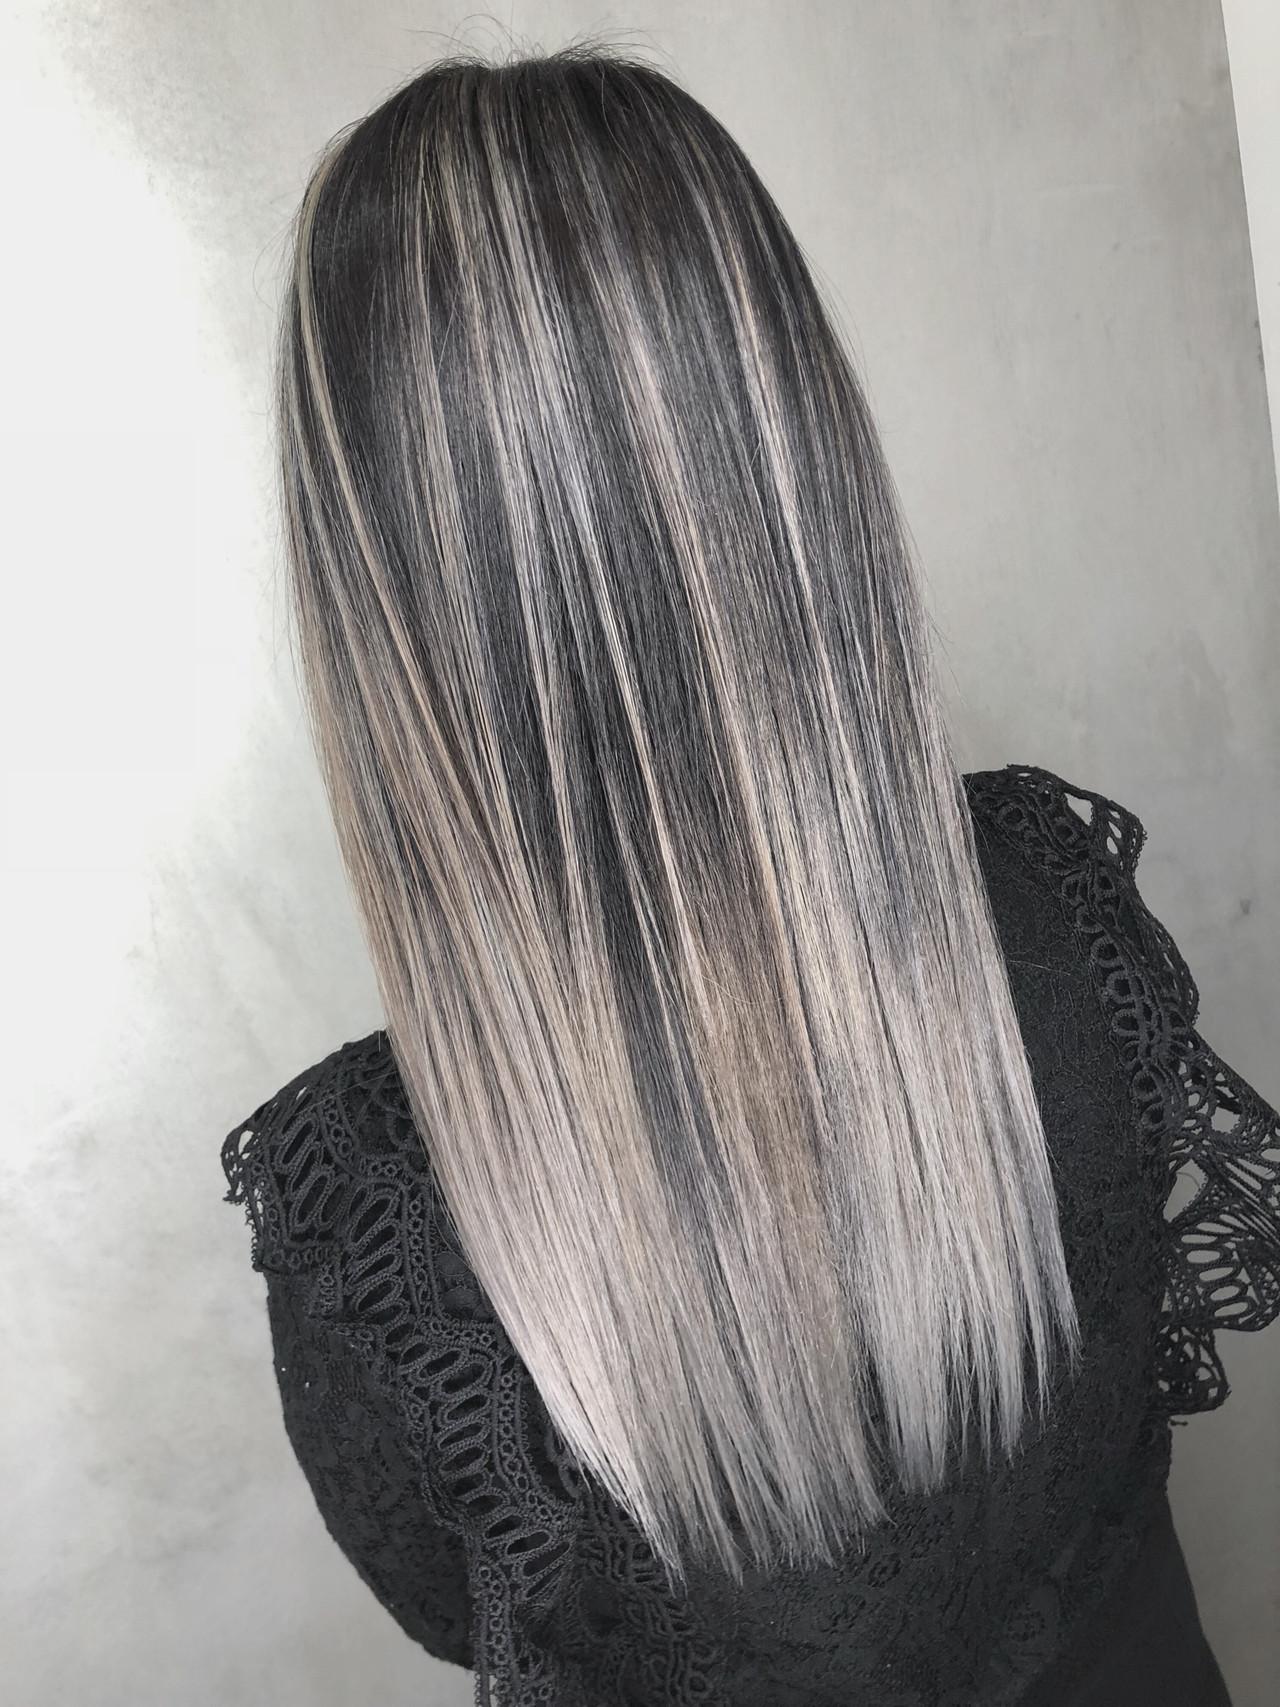 バレイヤージュ 外国人風 ナチュラル ハイライト ヘアスタイルや髪型の写真・画像 | 筒井 隆由 / Hair salon mode